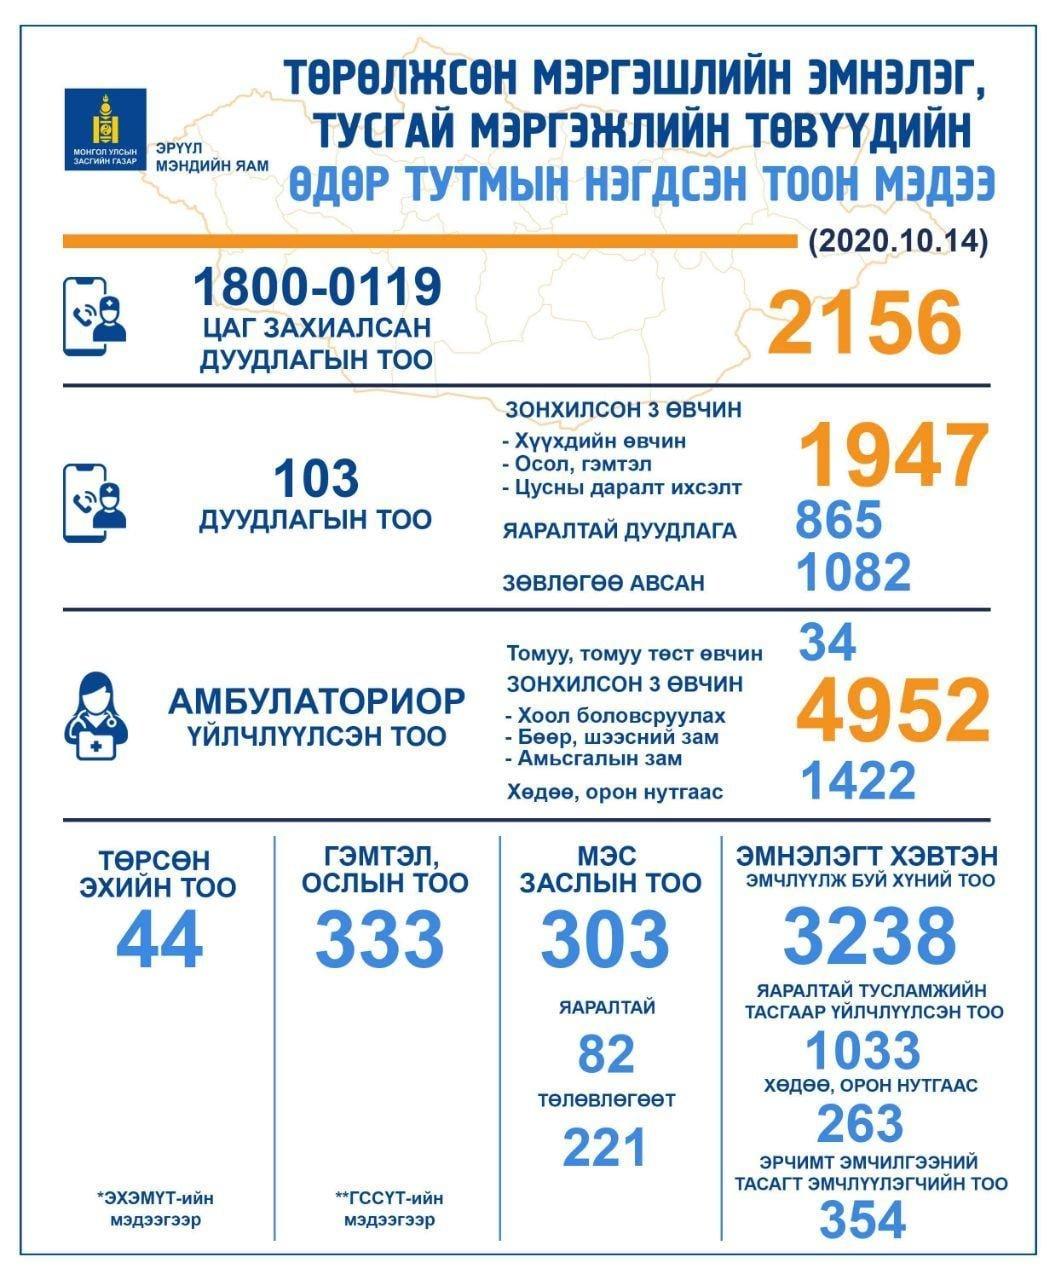 Өчигдөр 103 дугаарт 1947 дуудлага ирснээс 865 нь яаралтай эмнэлгийн тусламж үйлчилгээ авчээ